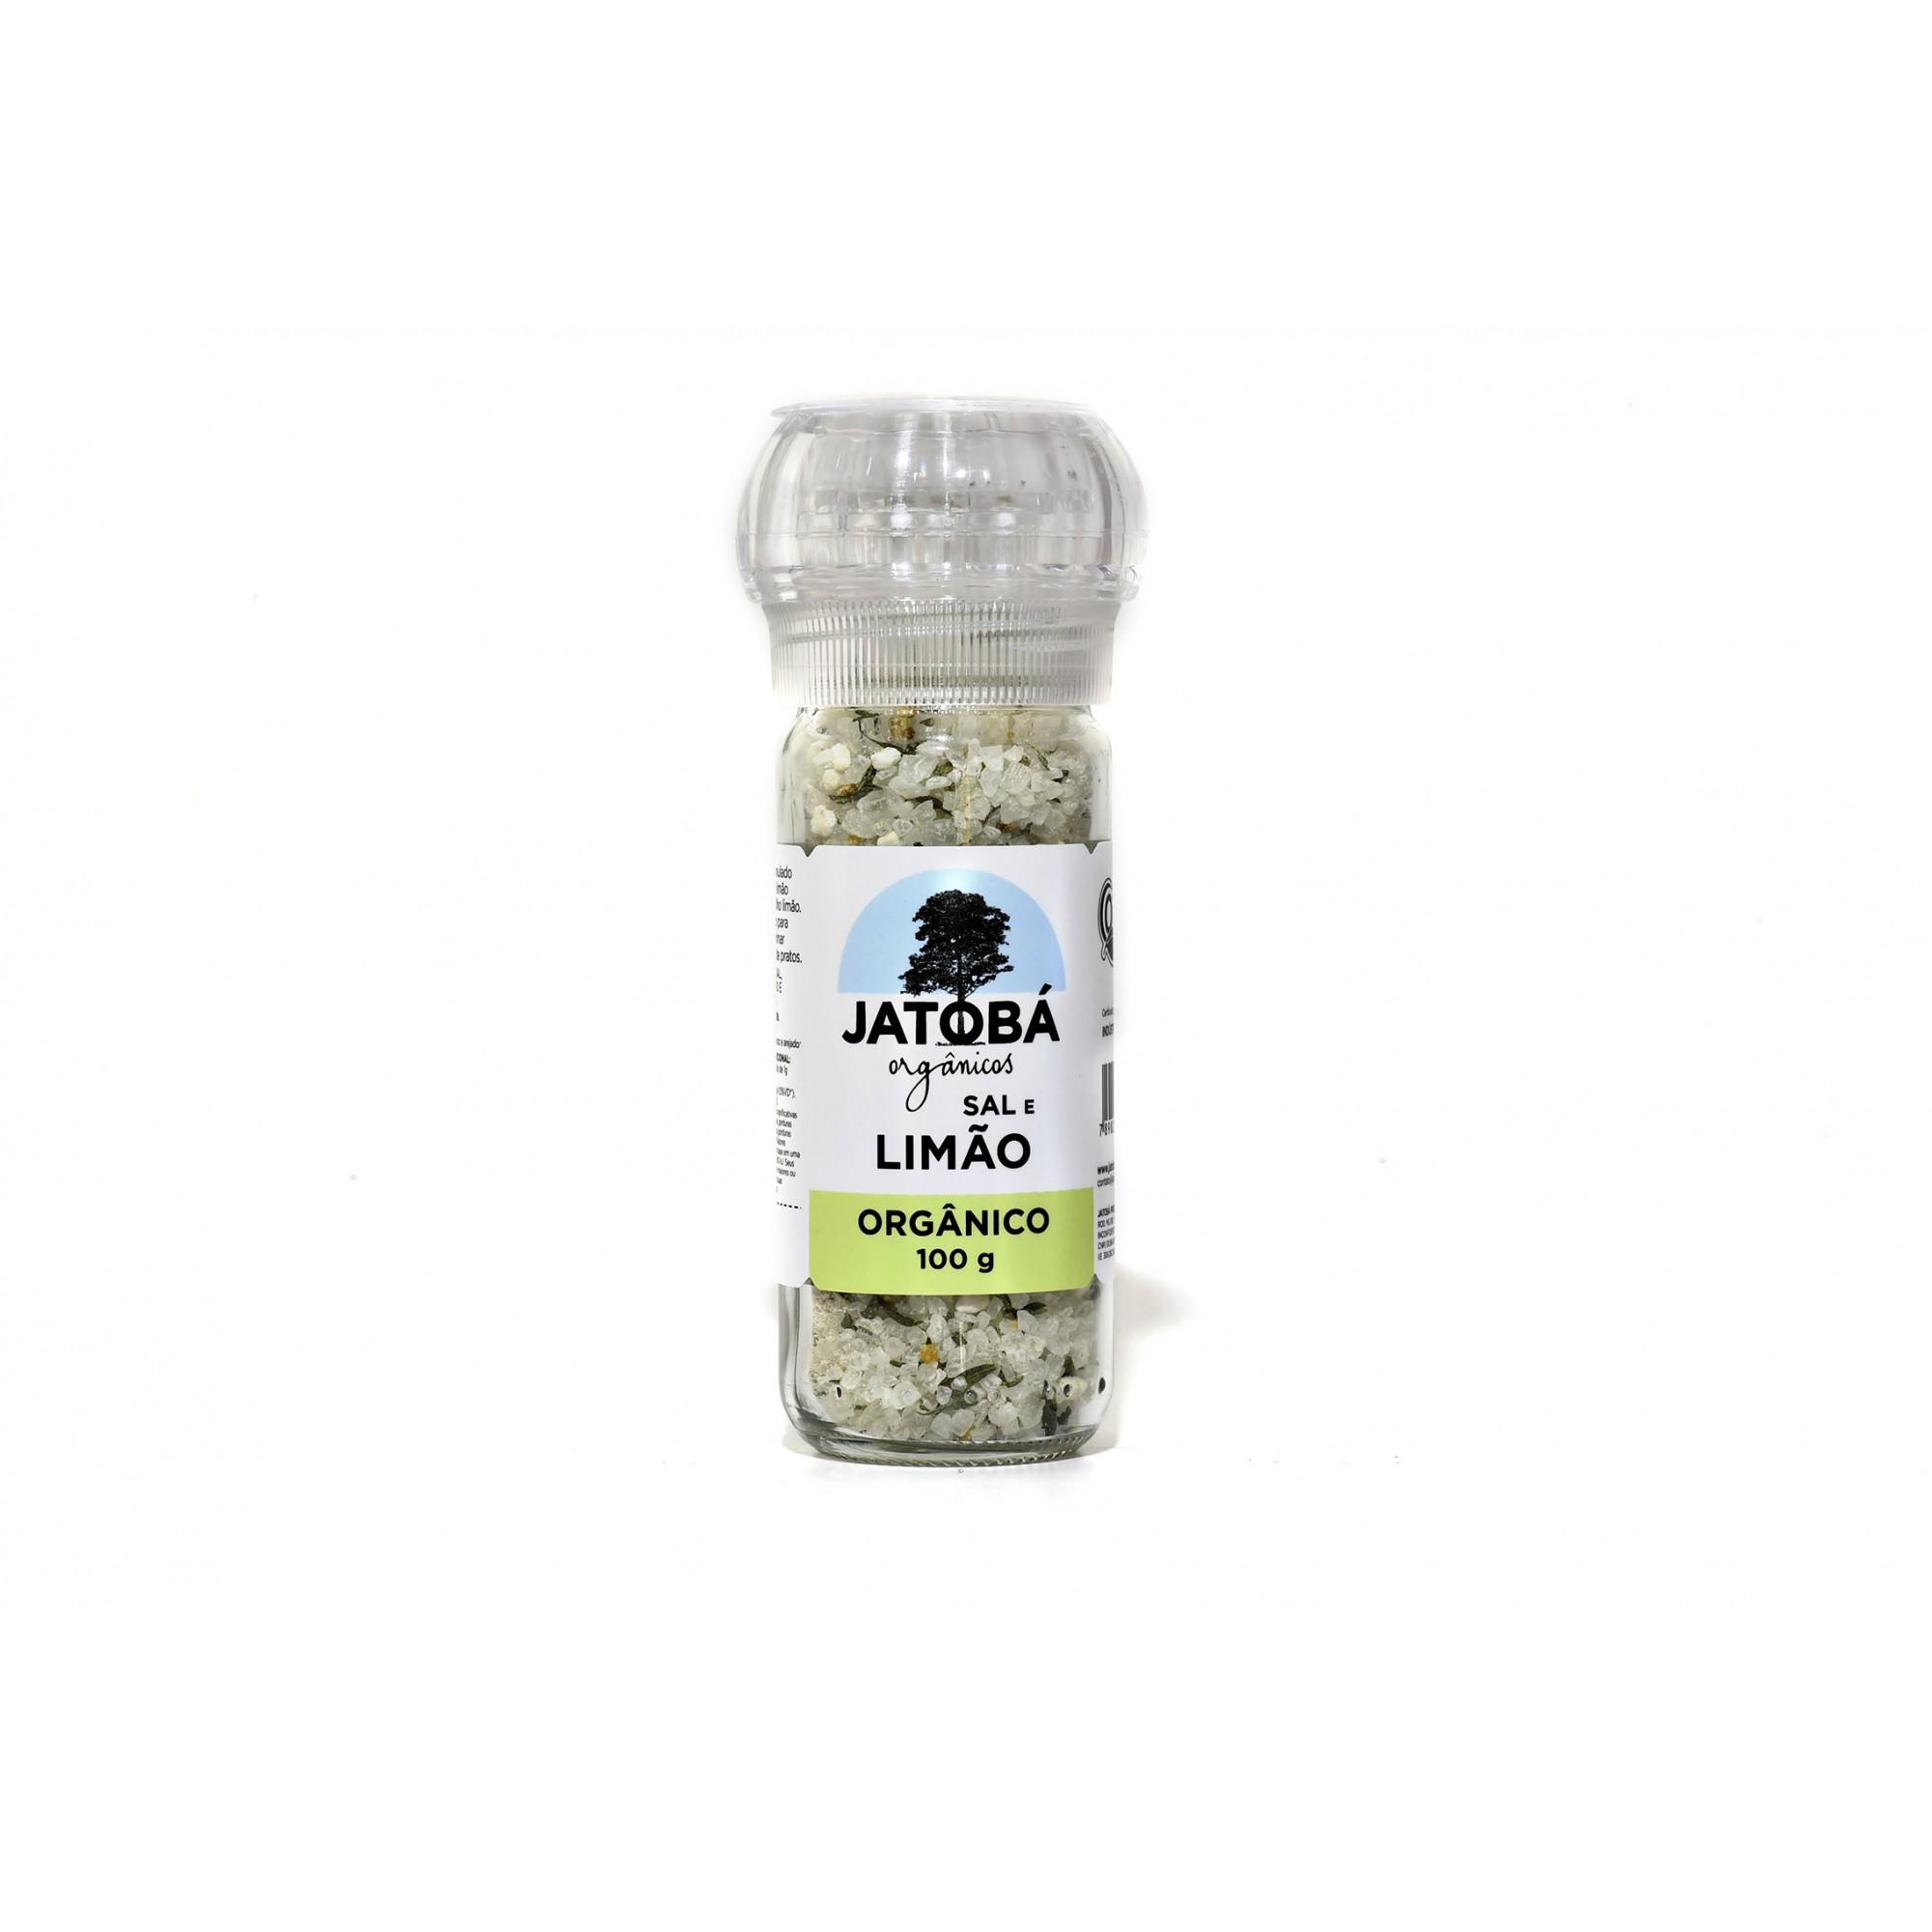 Sal e Limão Orgânico com Moedor - 100g - Jatobá